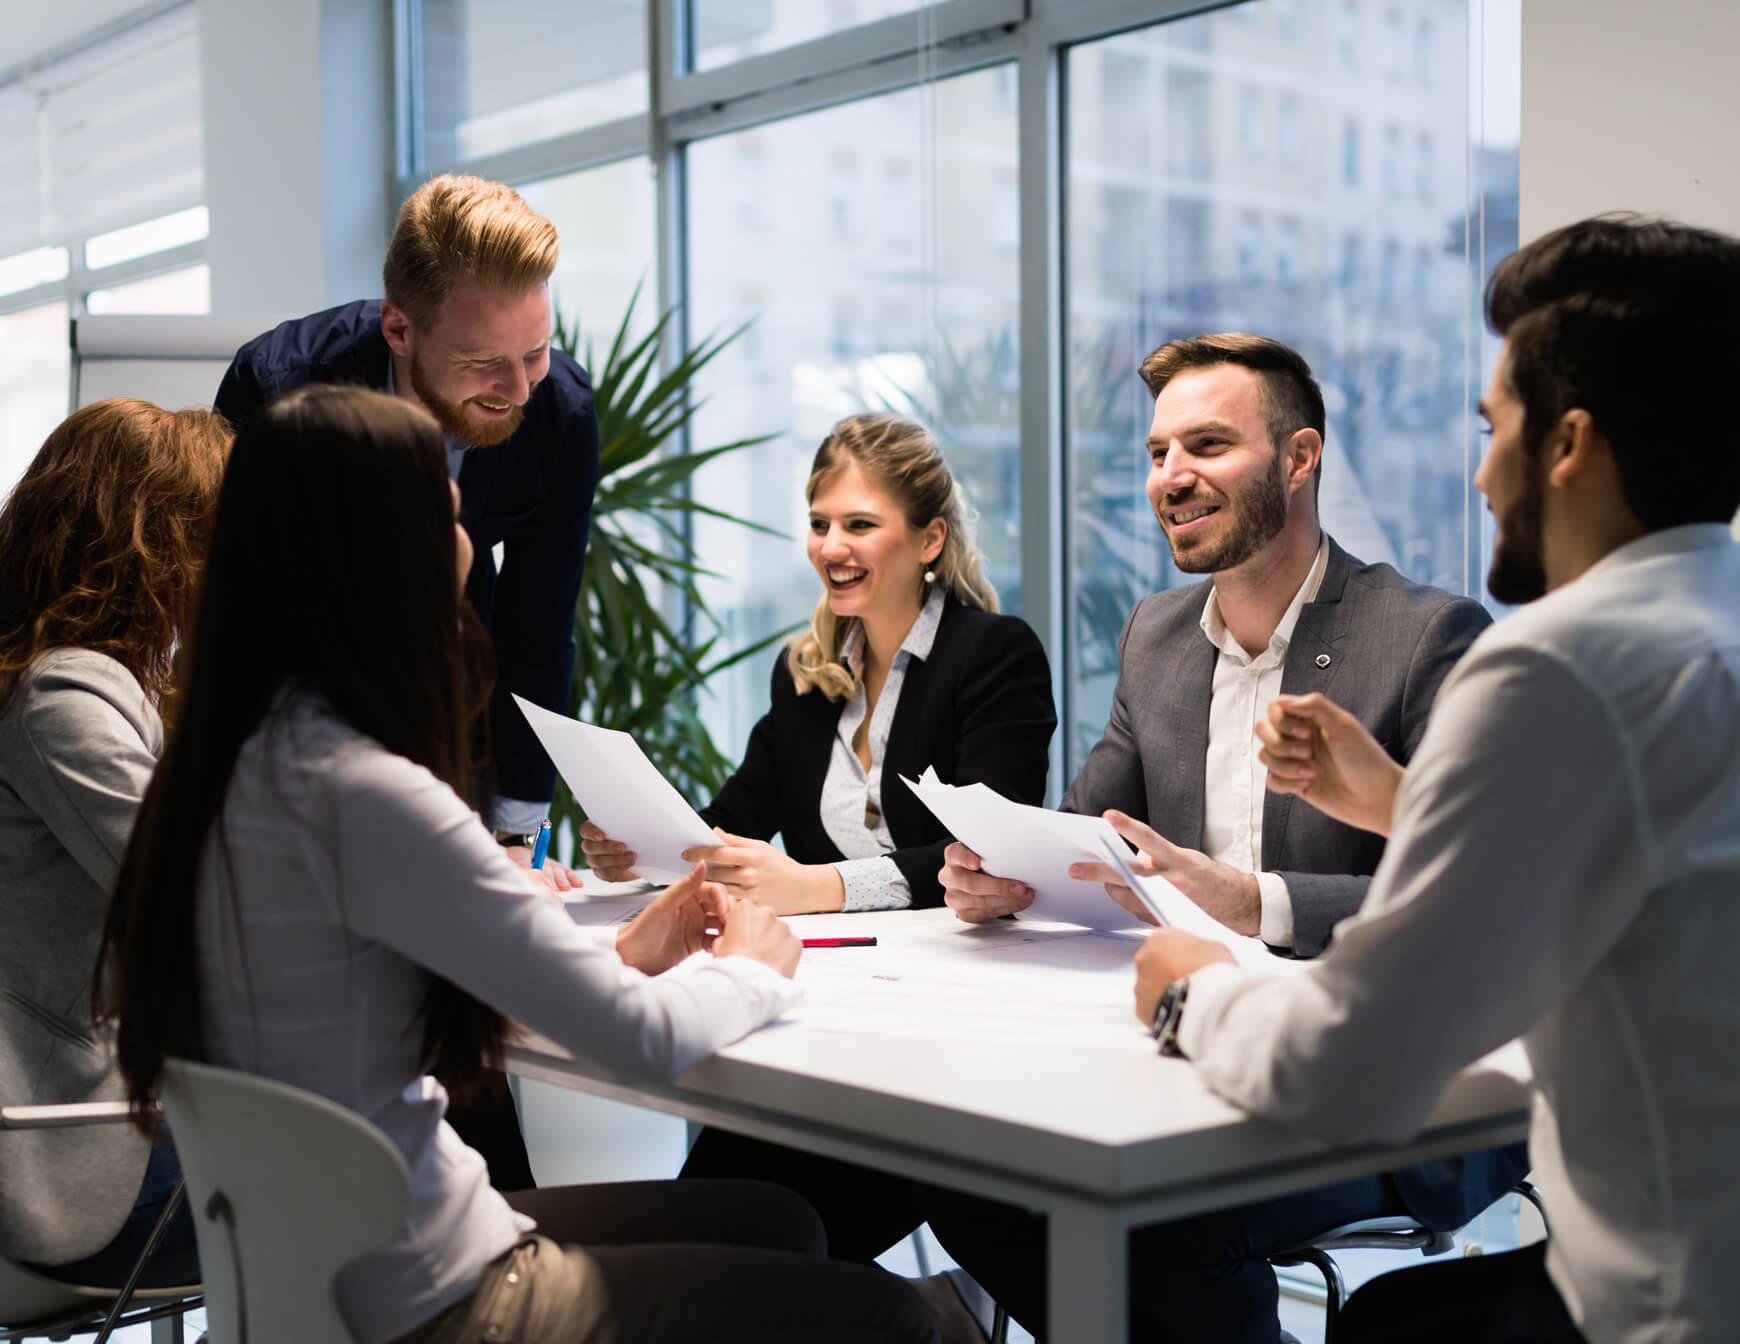 Avast के साथ अपने व्यापार और ग्राहक अनुभव को बढ़ाएं